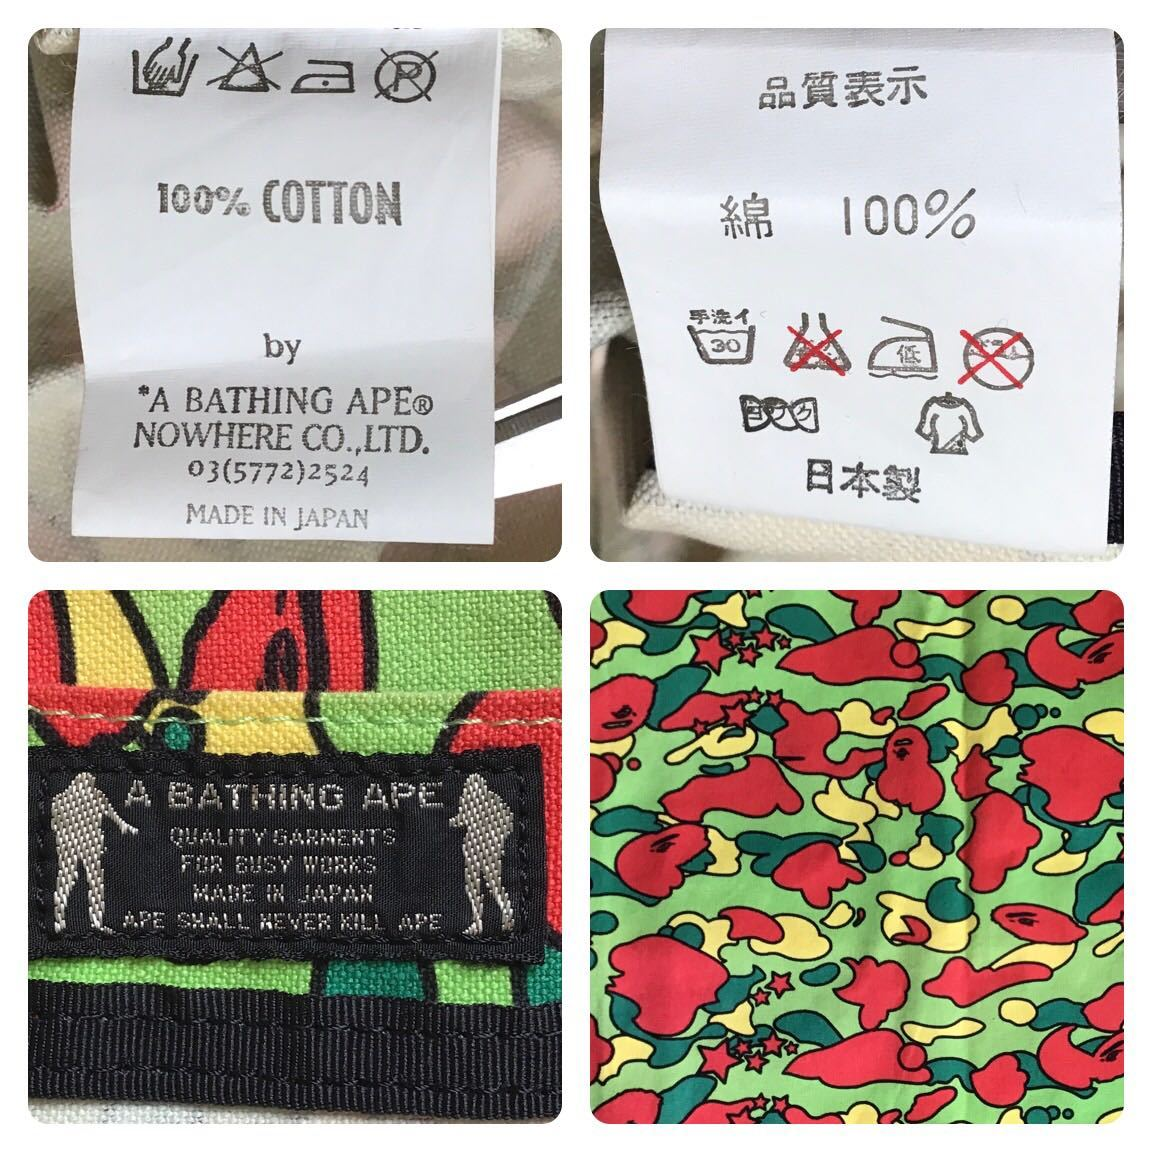 ★激レア★ psyche camo トート バッグ a bathing ape BAPE tote bag サイケカモ sta camo エイプ ベイプ アベイシングエイプ nigo 3231